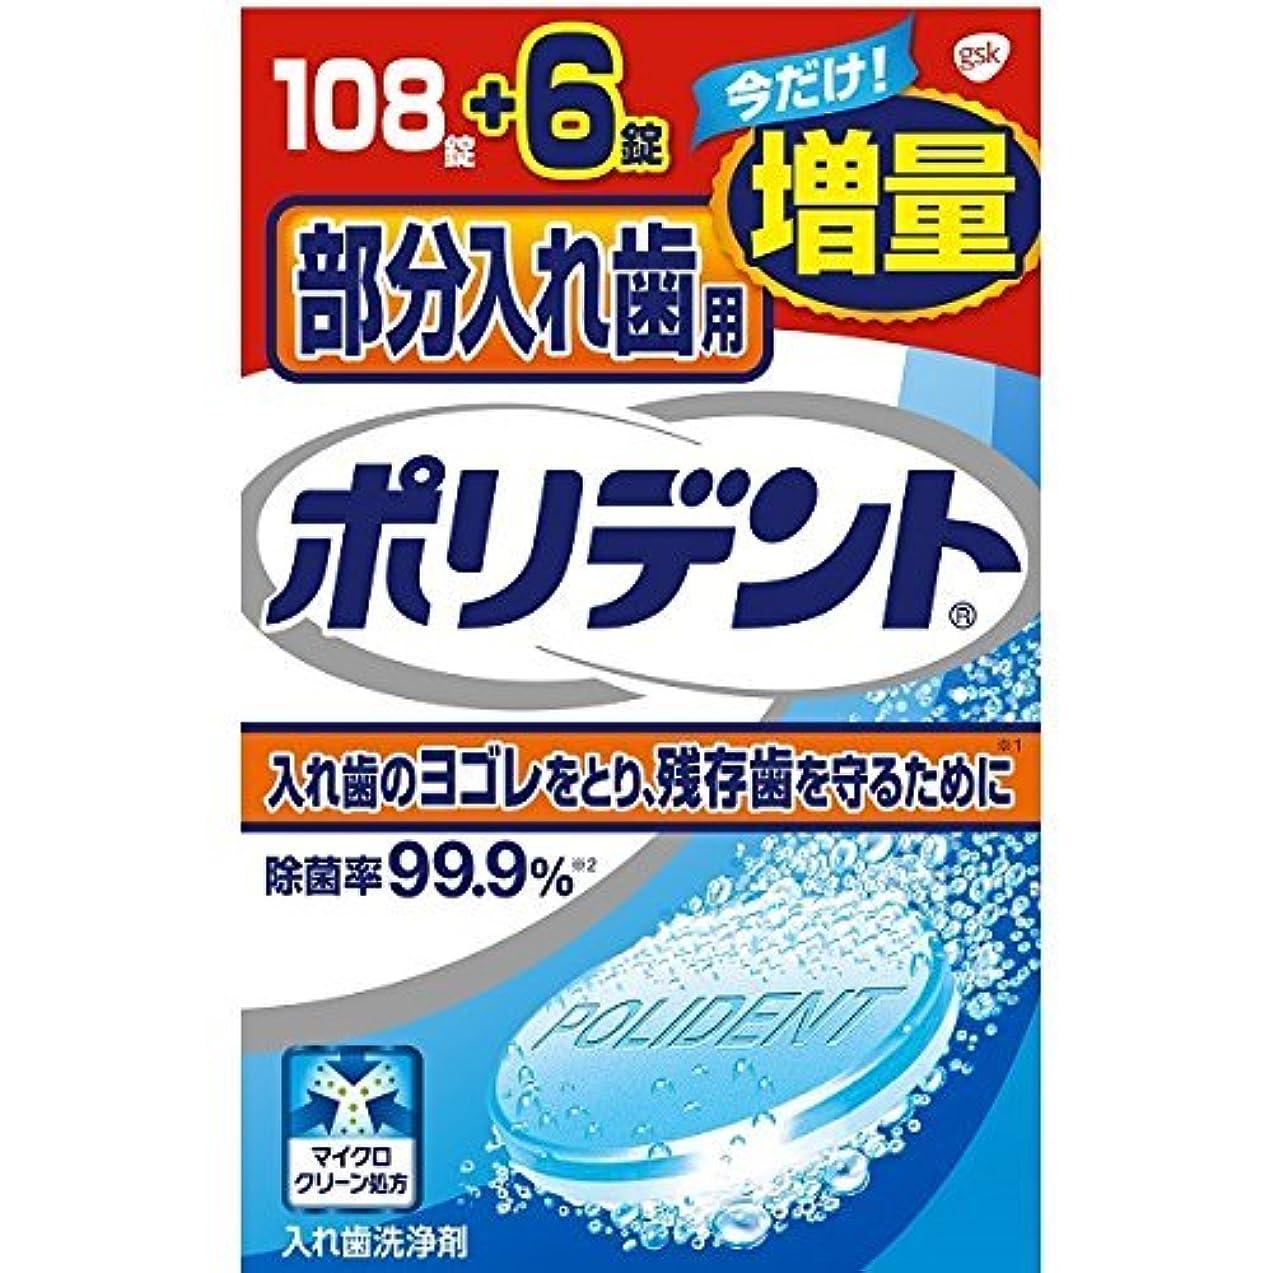 ラフレシアアルノルディ皮勘違いする部分入れ歯用ポリデント 108錠+6錠増量品